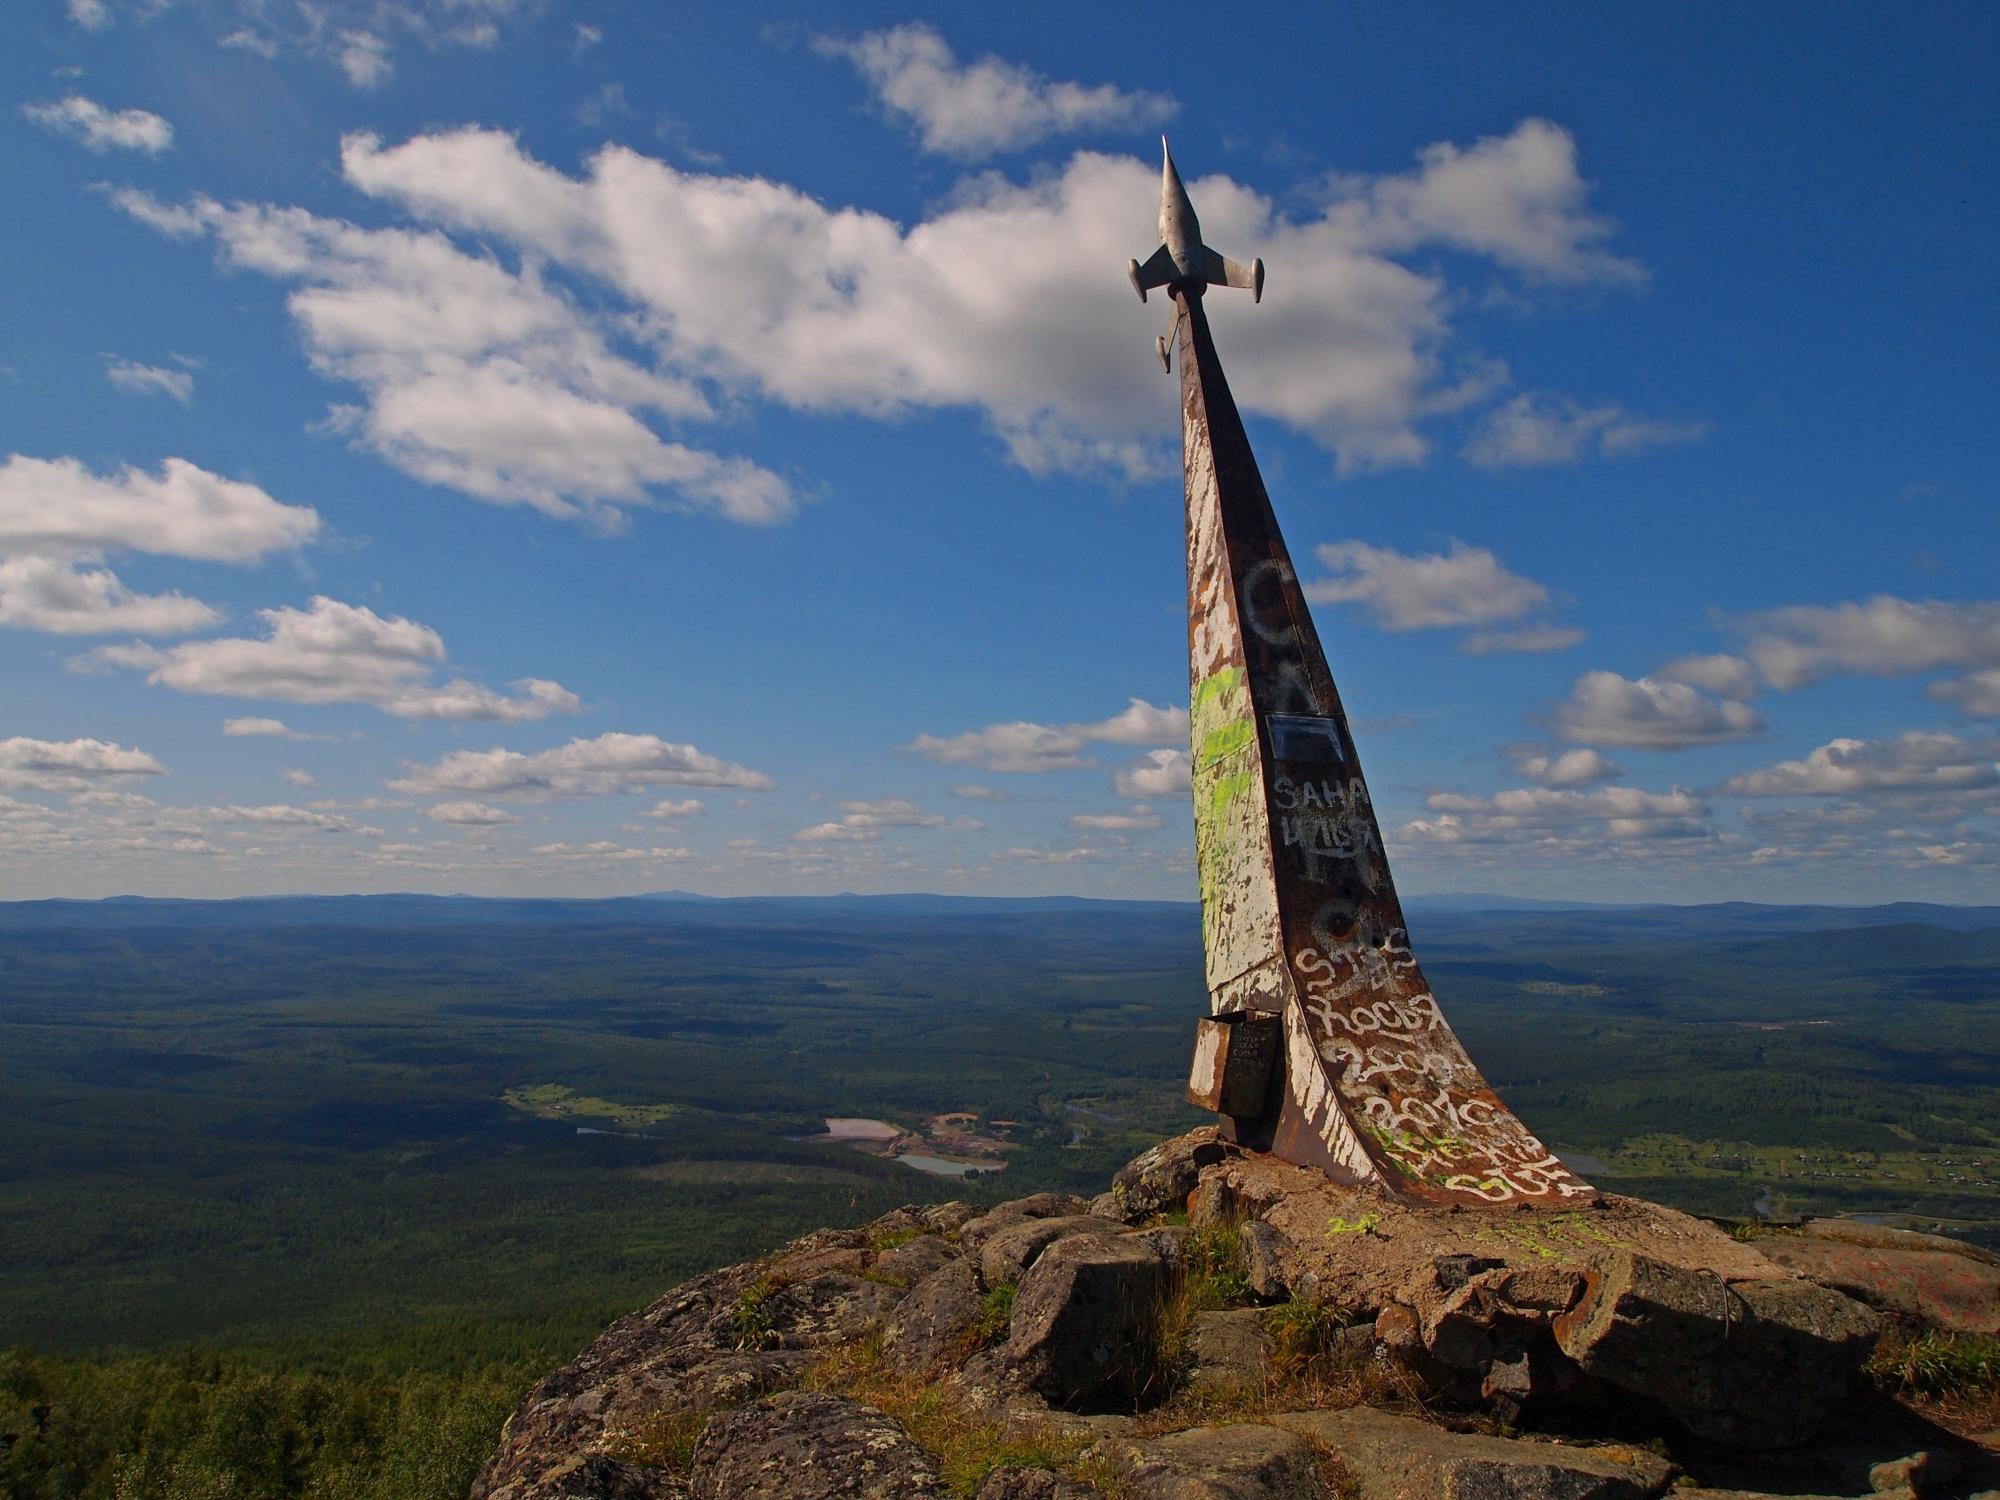 Гора Качканар в Качканаре. Памятник, установленный на вершине горы в 1961 году, в честь полета Гагарина